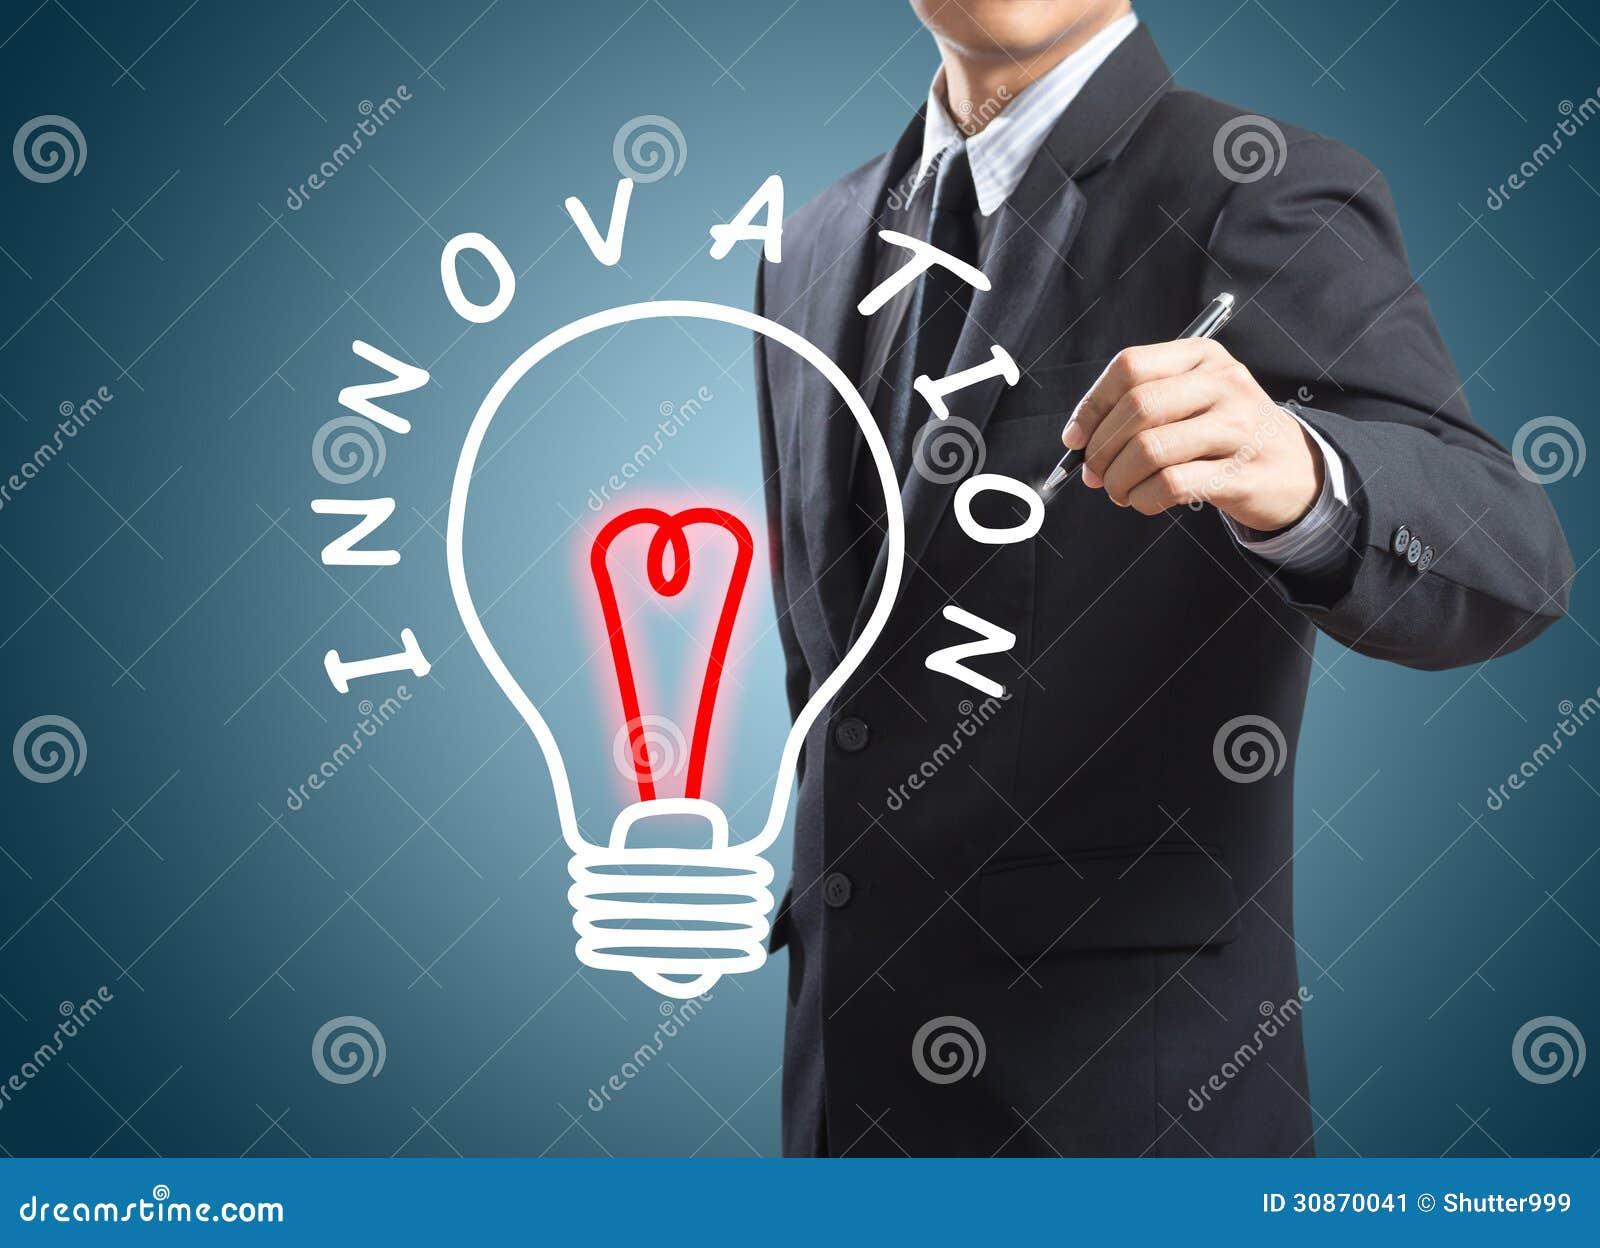 Begrepp för innovation för handstil för affärsman